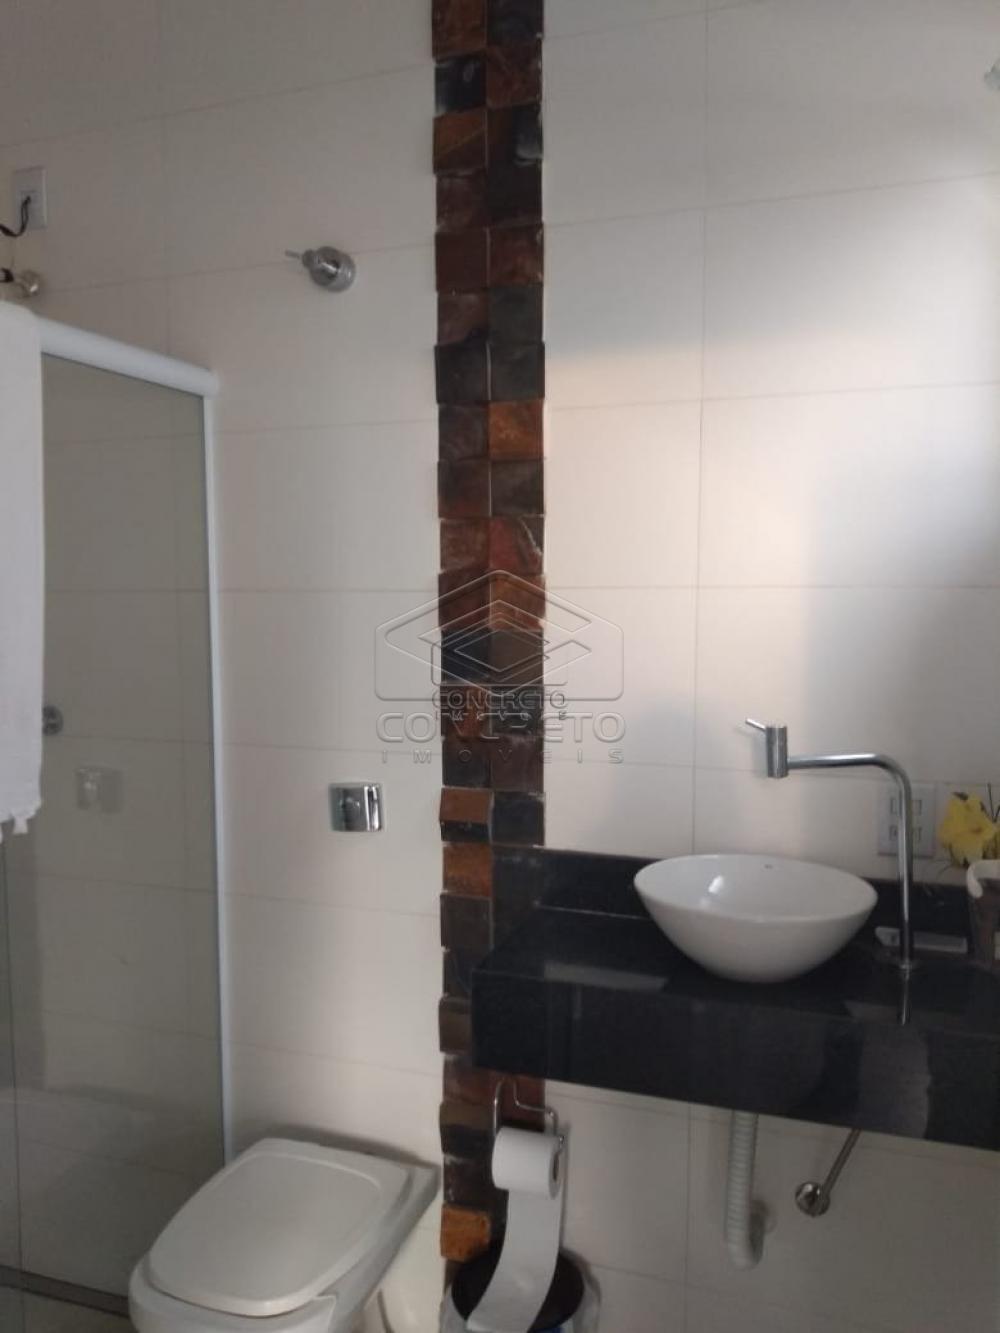 Comprar Casa / Padrão em Bauru apenas R$ 850.000,00 - Foto 7